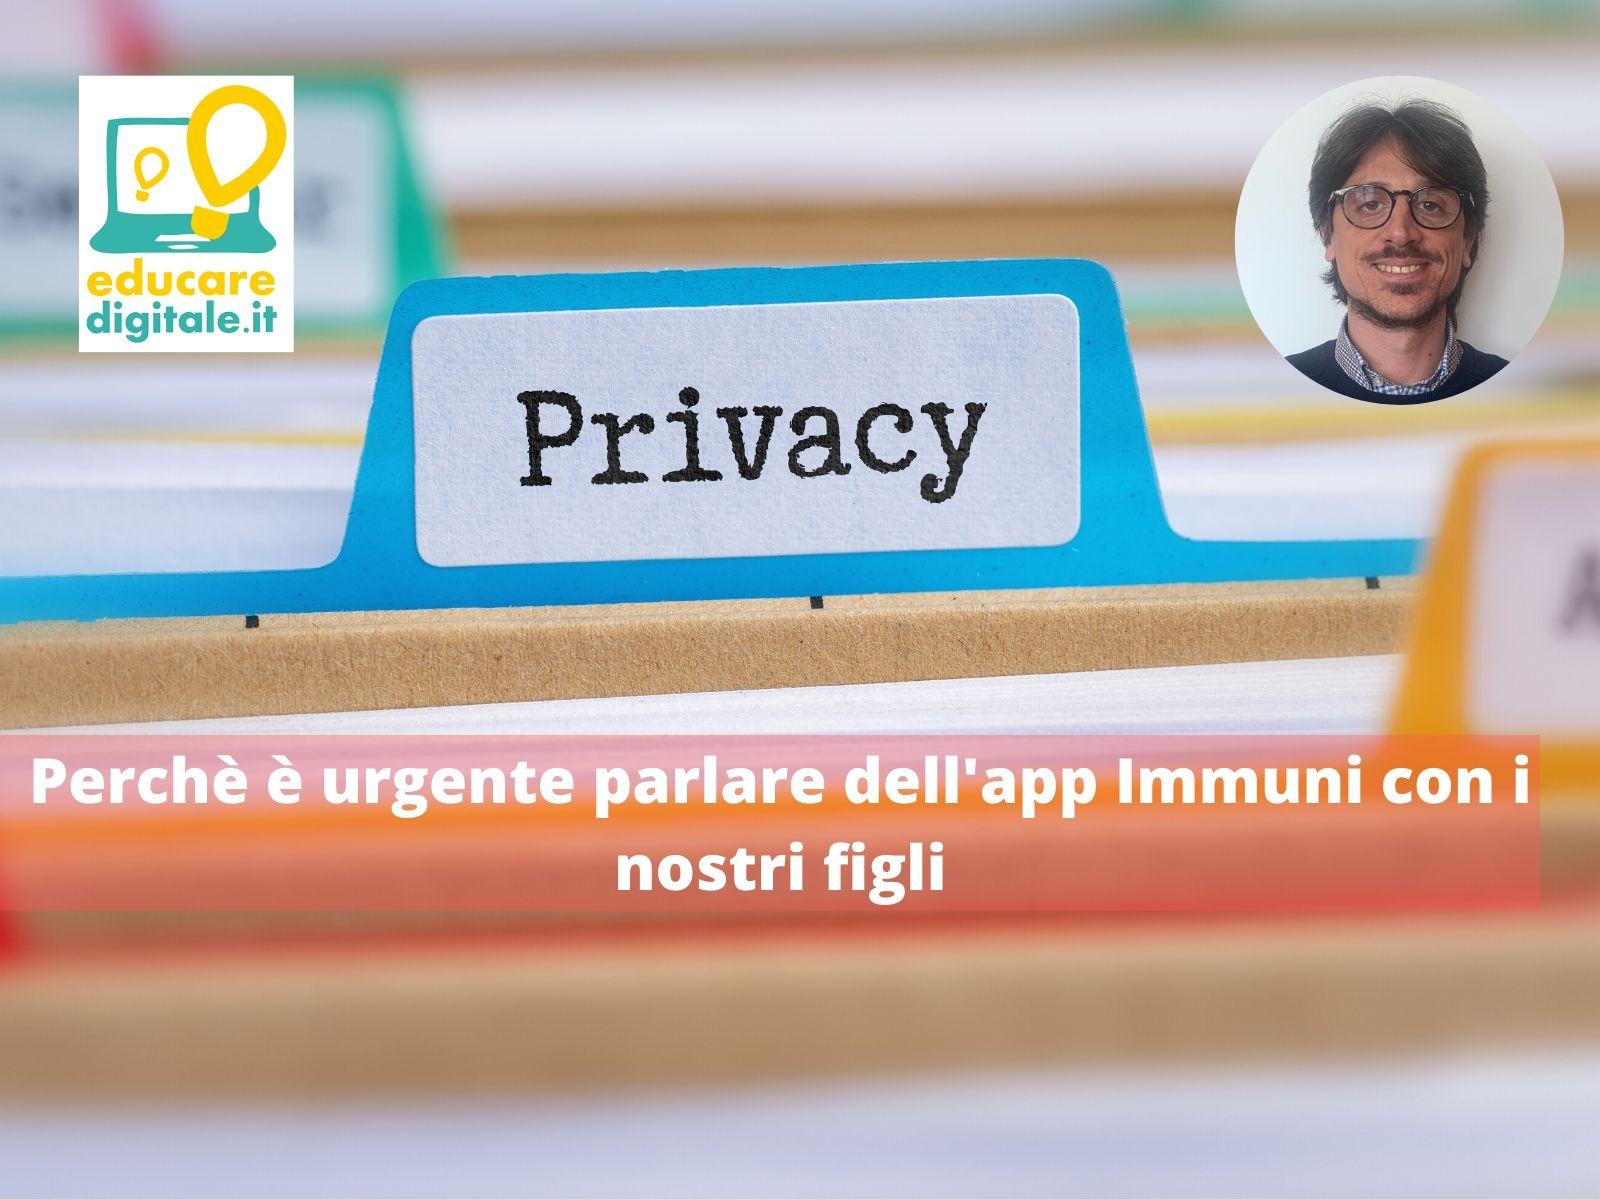 App Immuni parlare ai figli